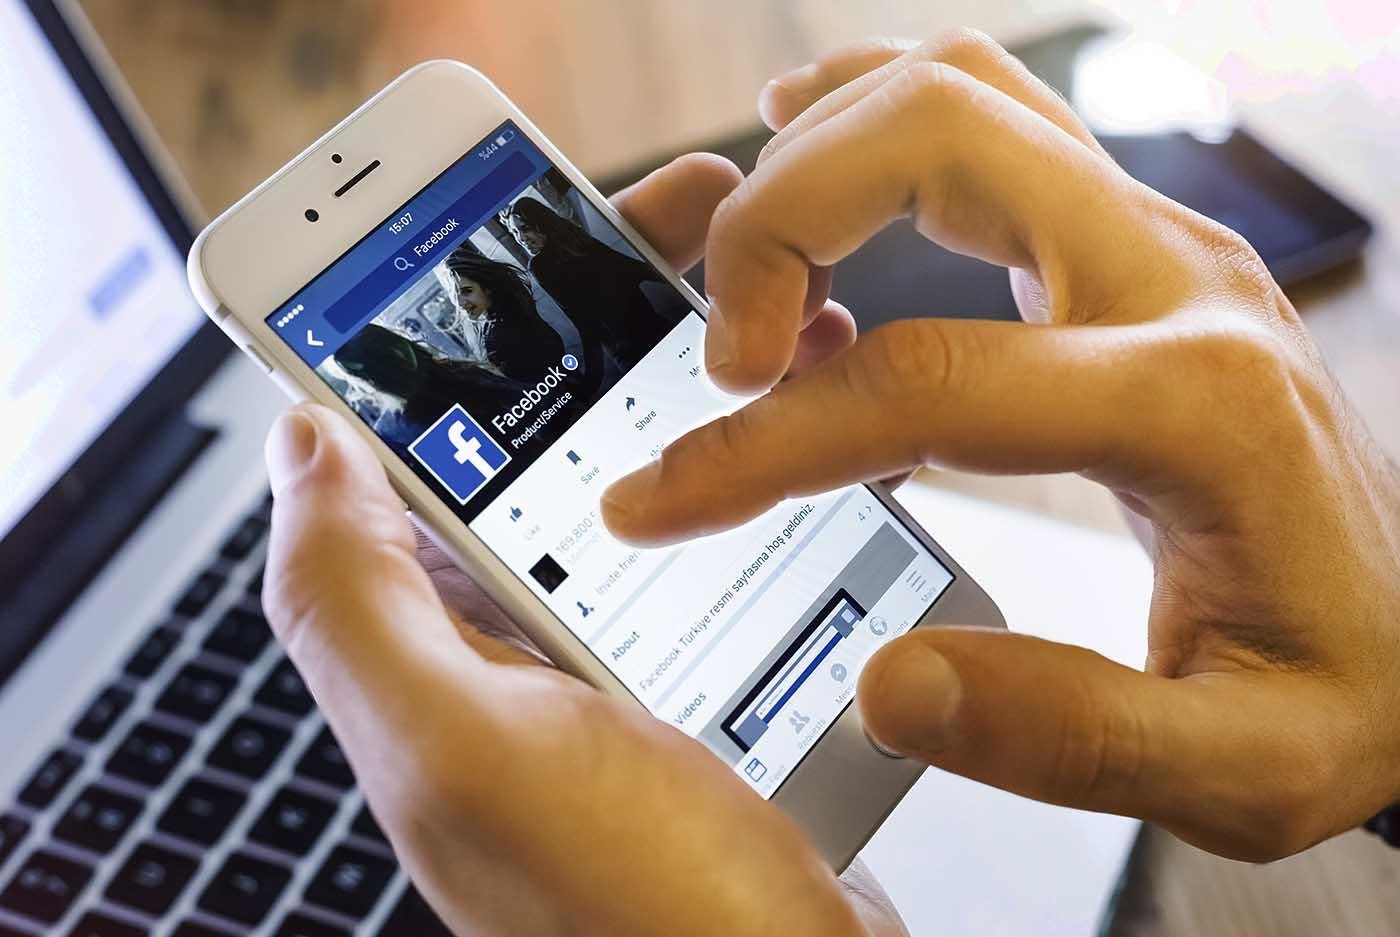 Facebook introducirá una nueva función para pausar temporalmente los contenidos de páginas o contactos molestos